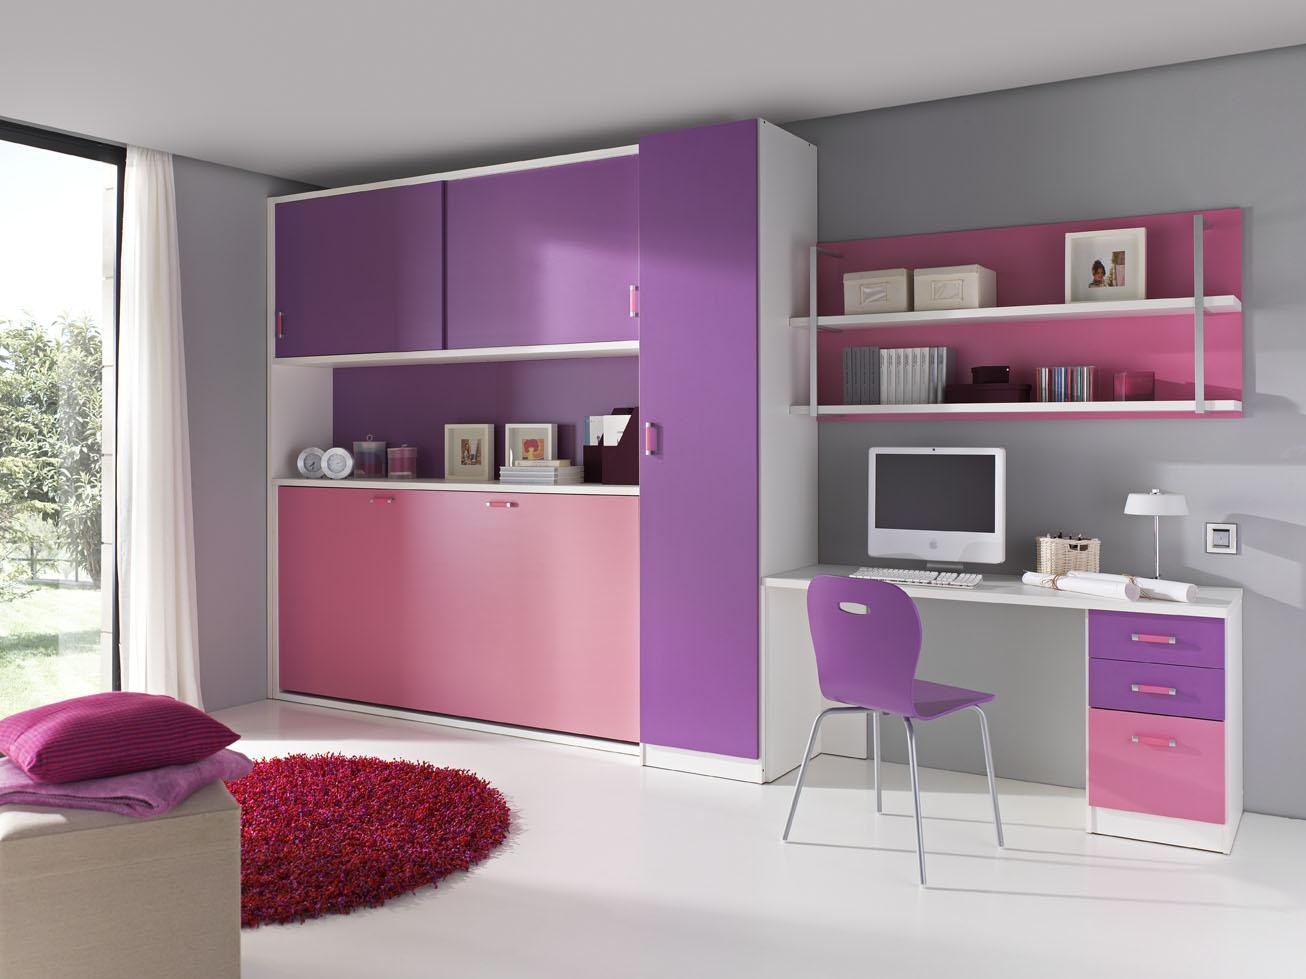 Consejos para un dormitorio juvenil muebles orts blog - Imagenes dormitorios juveniles ...